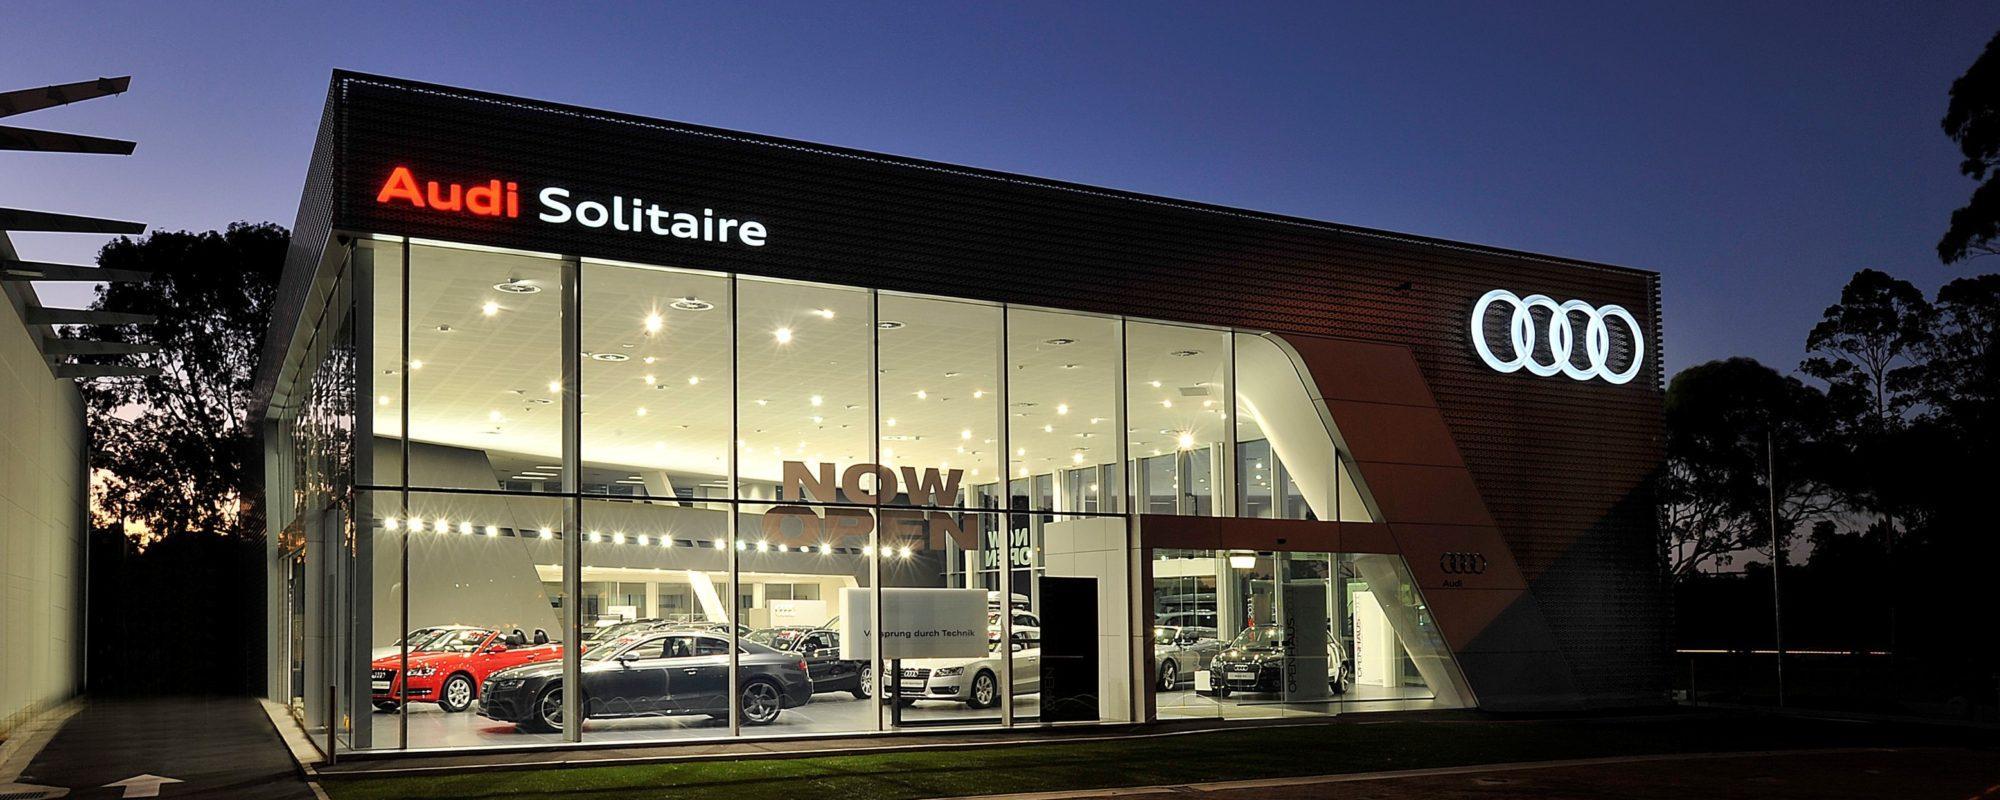 Audi Solitaire